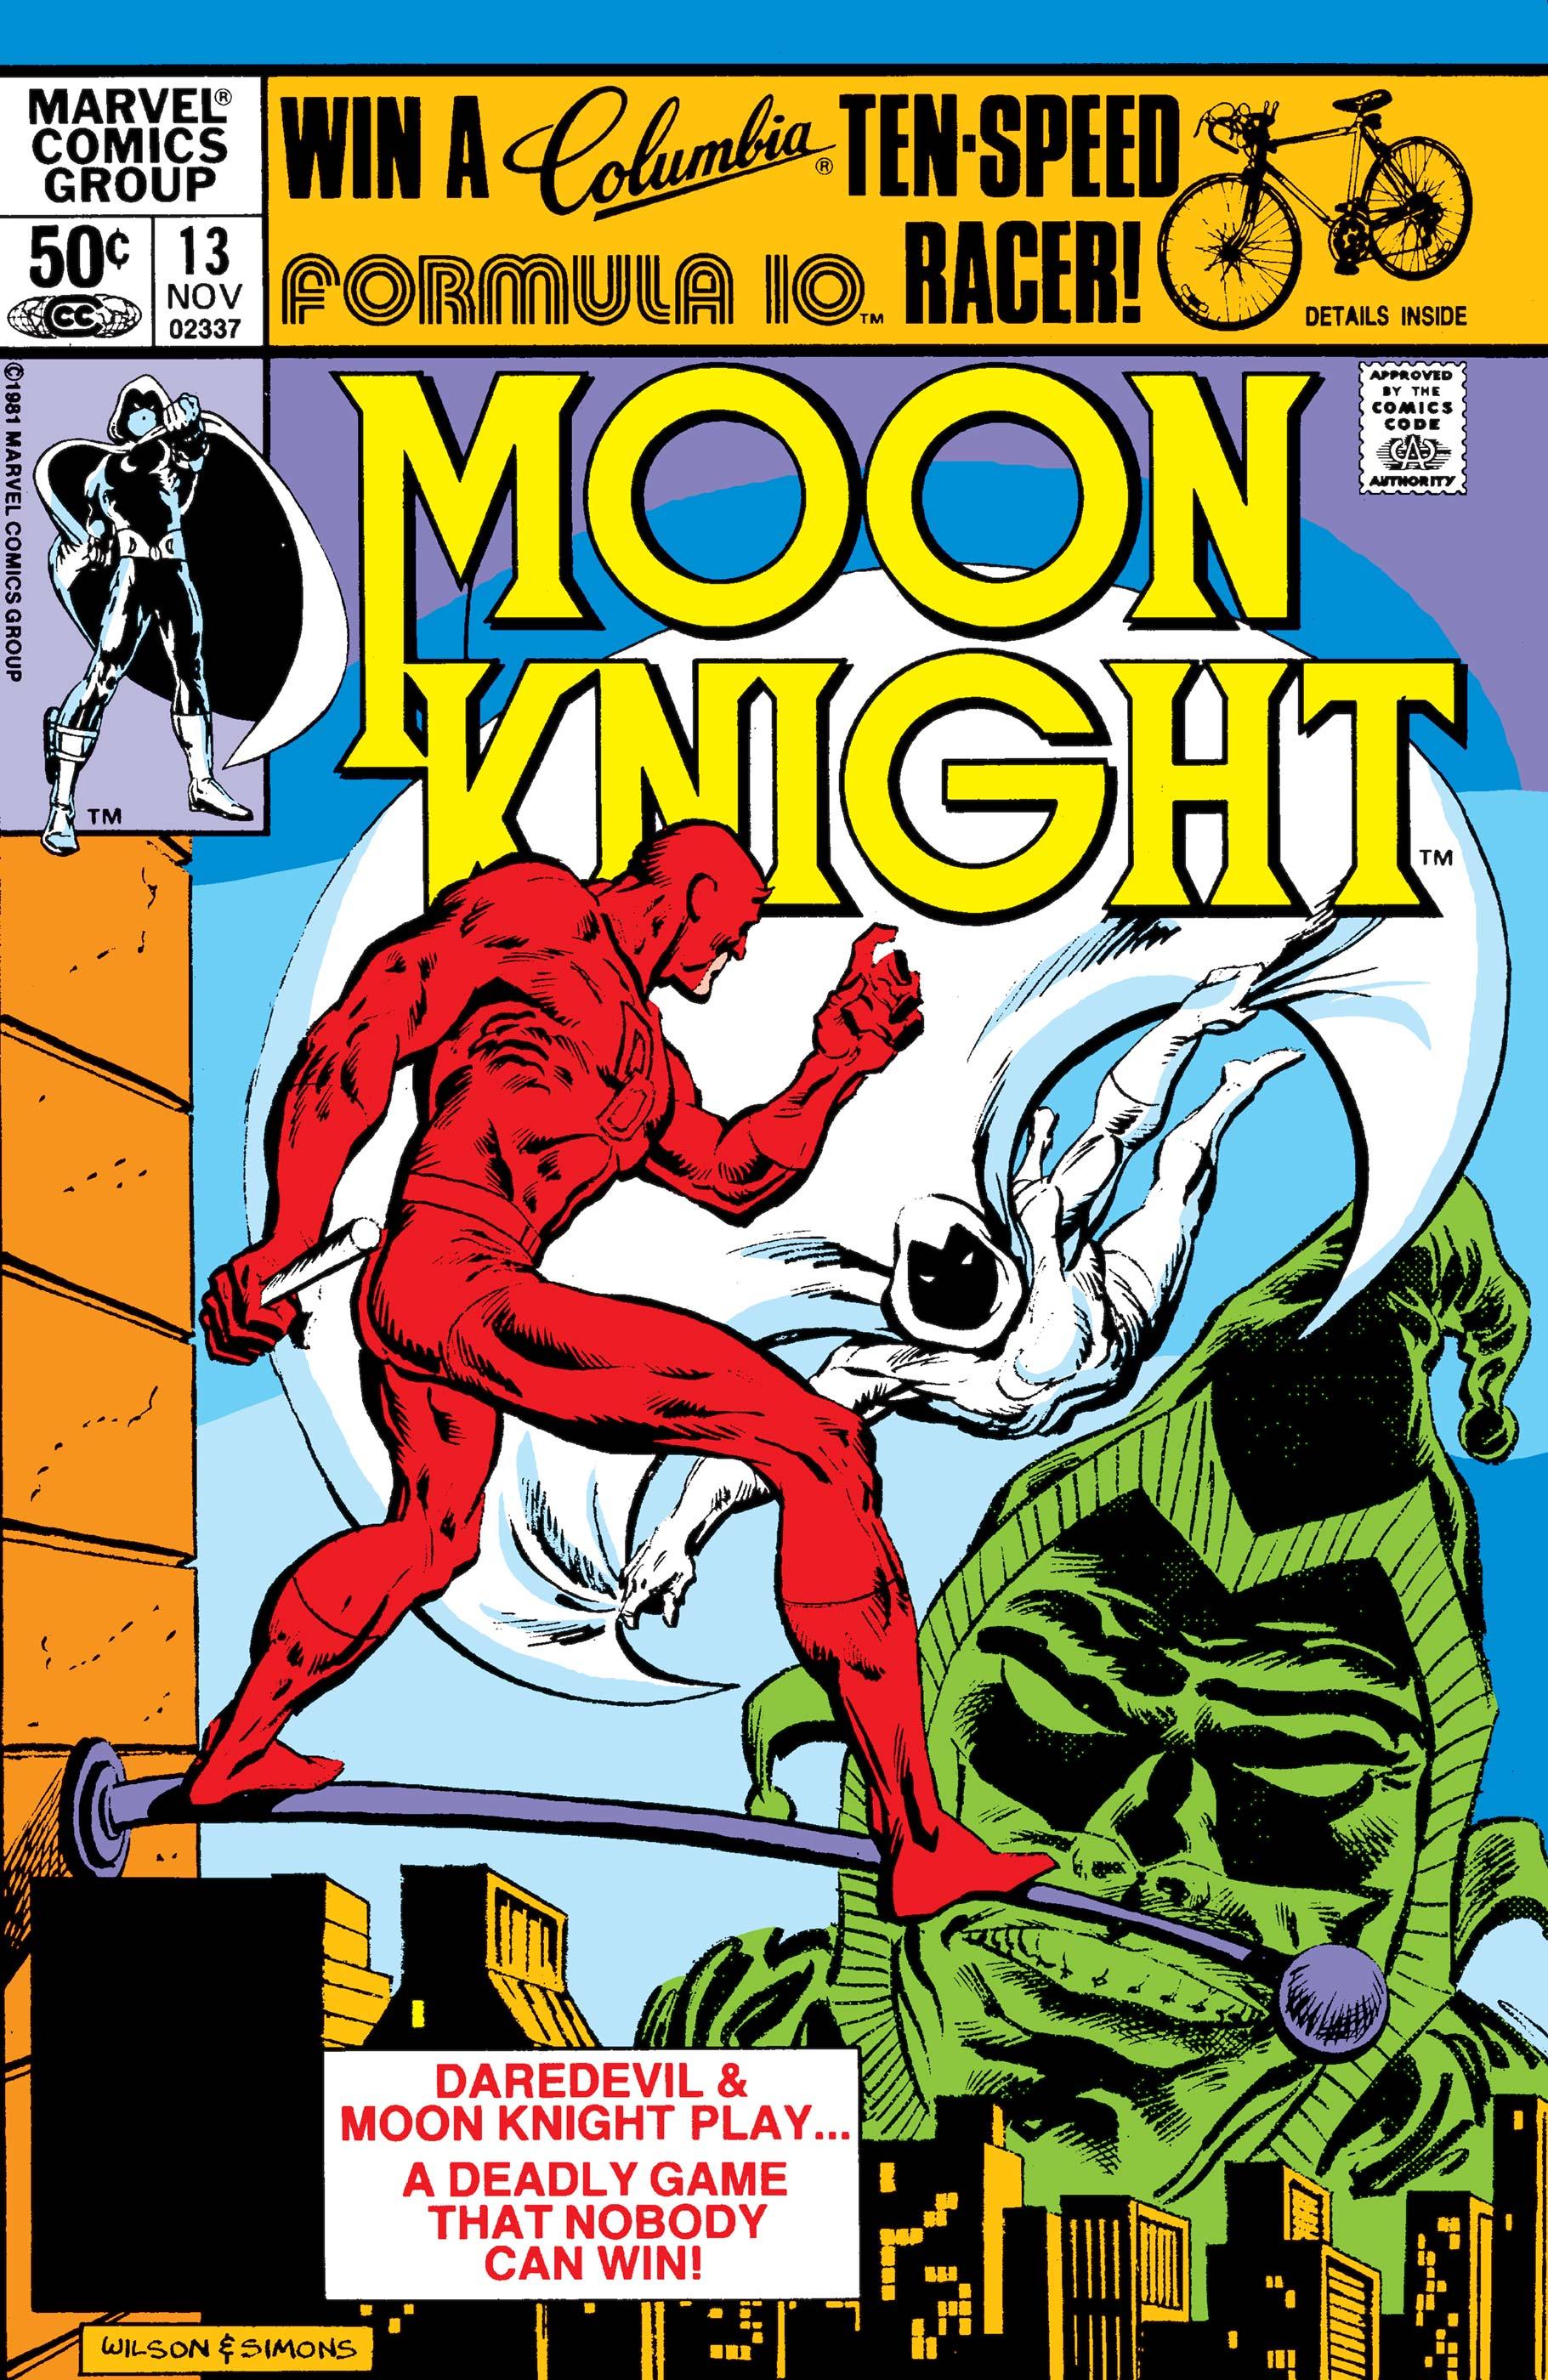 Moon Knight (1980) #13